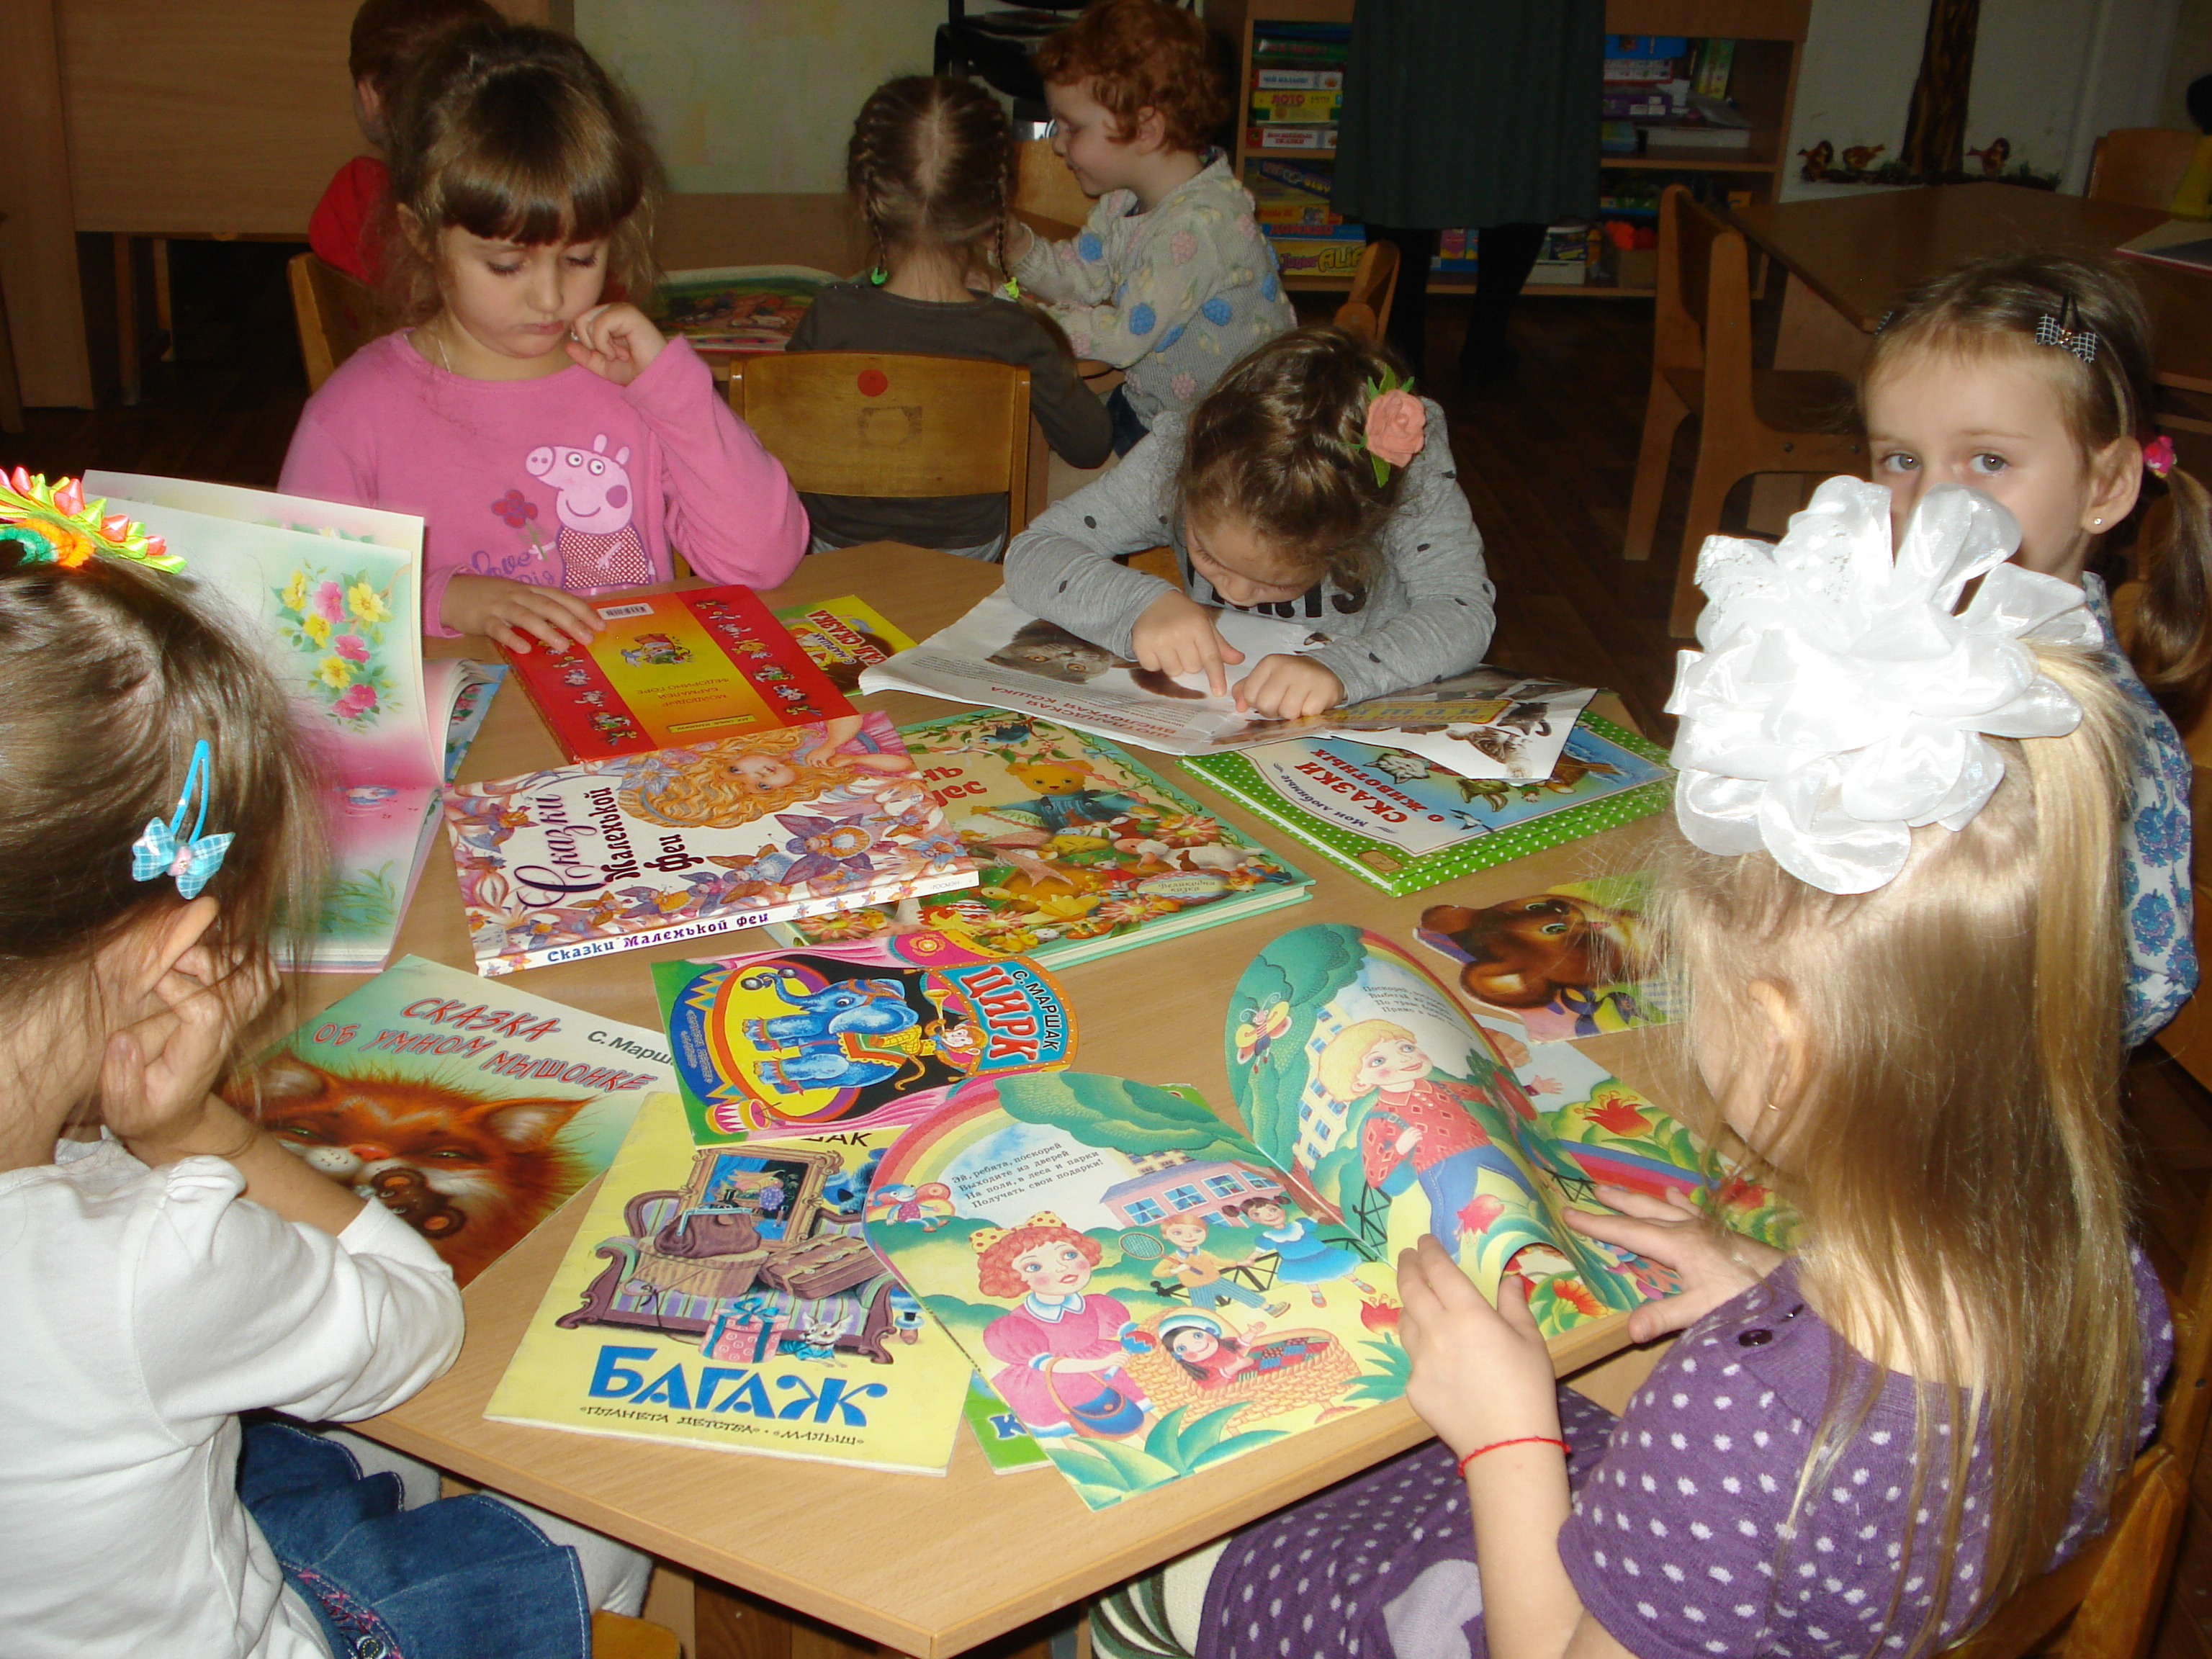 писатели нашего детства, донецкая республиканская библиотека для детей, отдел обслуживания дошкольников и учащихся 1-4 классов, самуил маршак